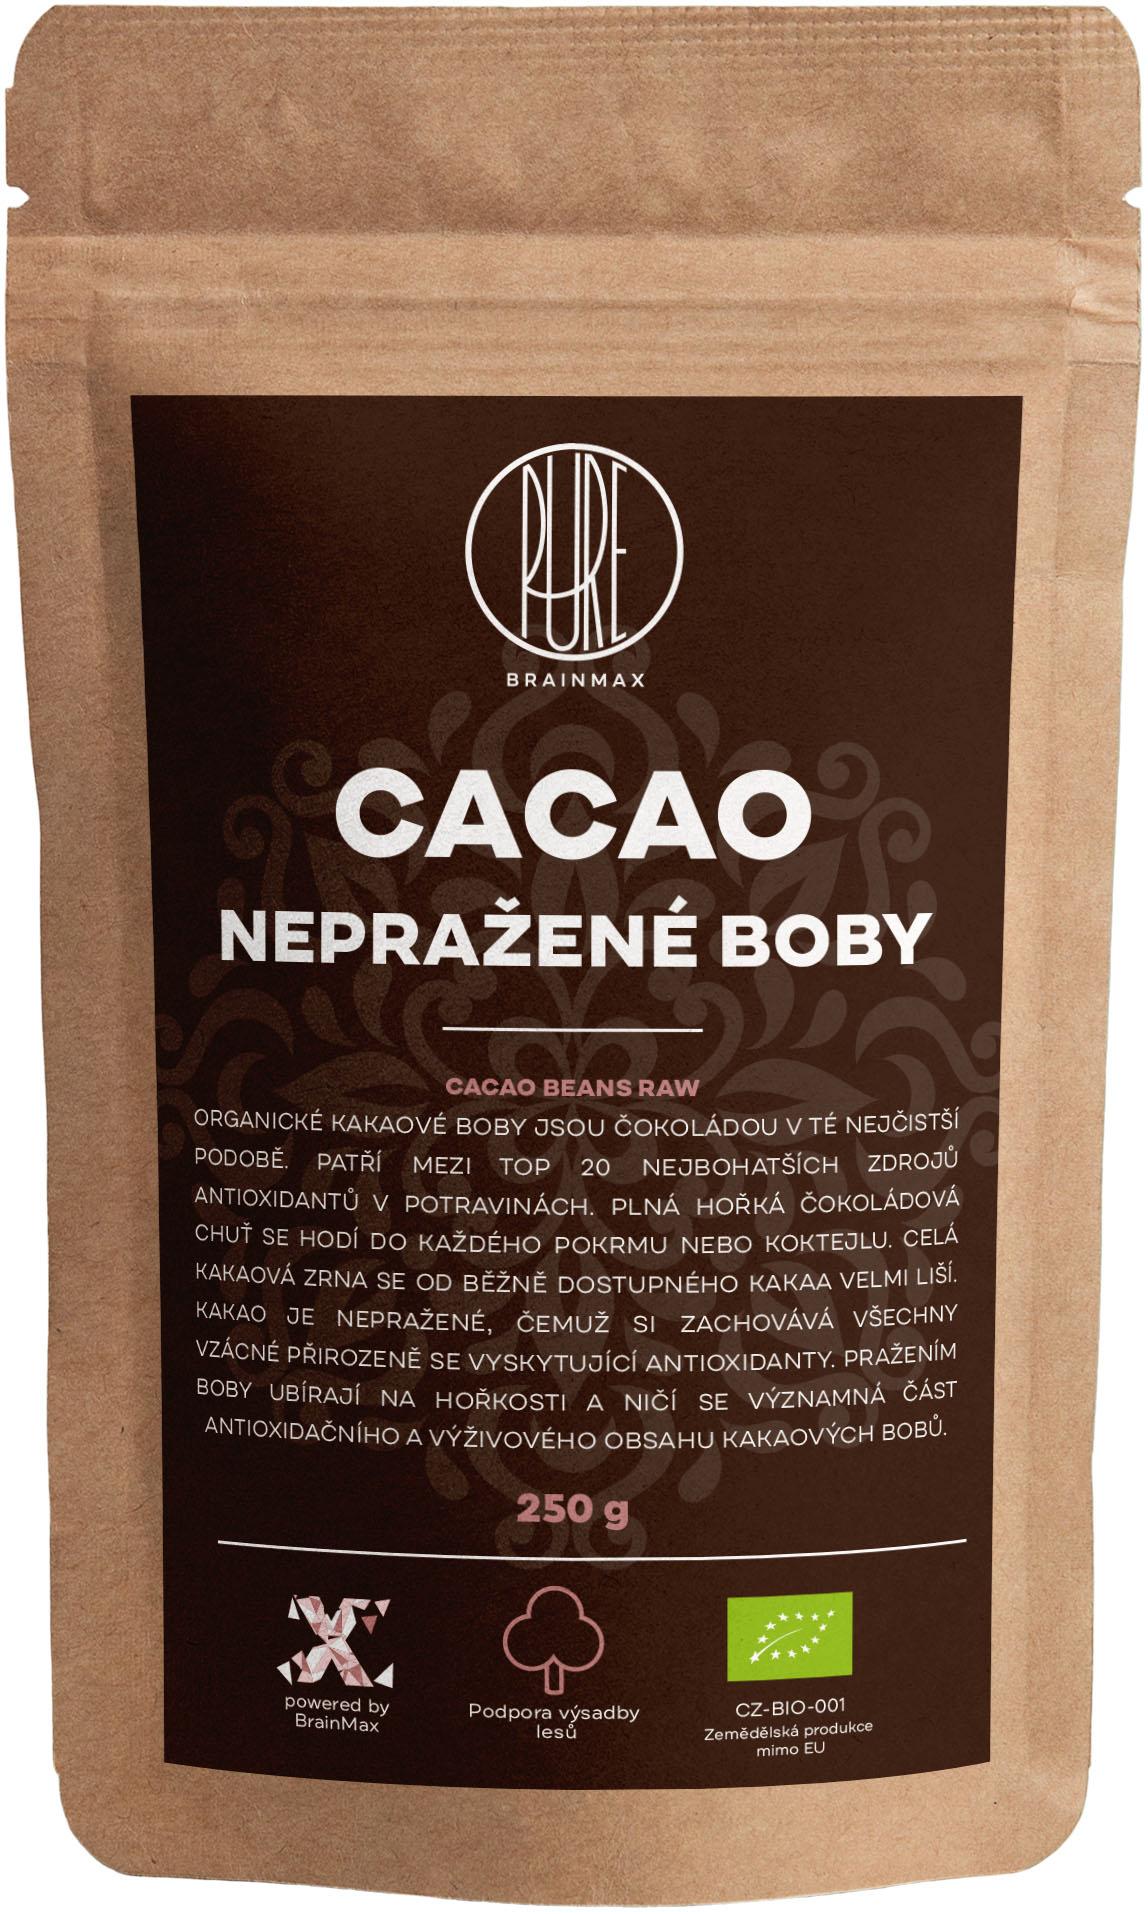 BrainMax Pure Kakaové bôby RAW, BIO, 250 g *CZ-BIO-001 certifikát